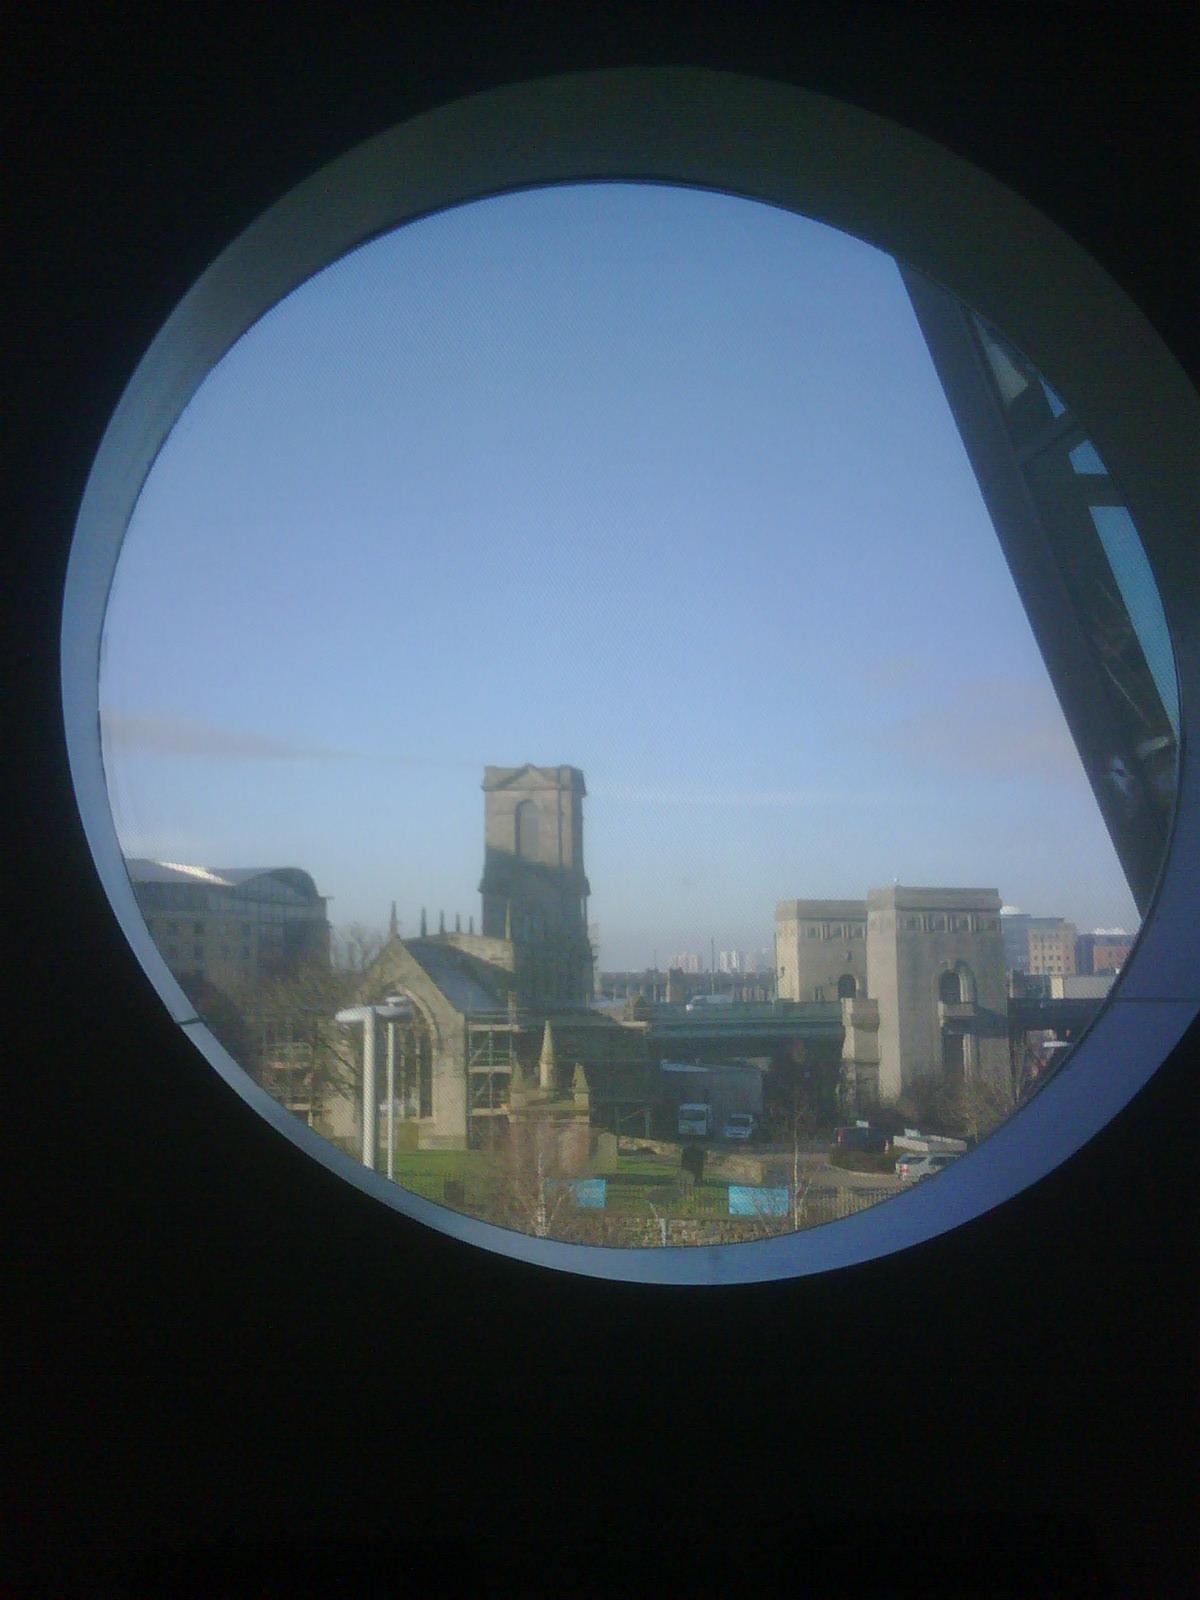 [Gateshead+March+04.03.10]